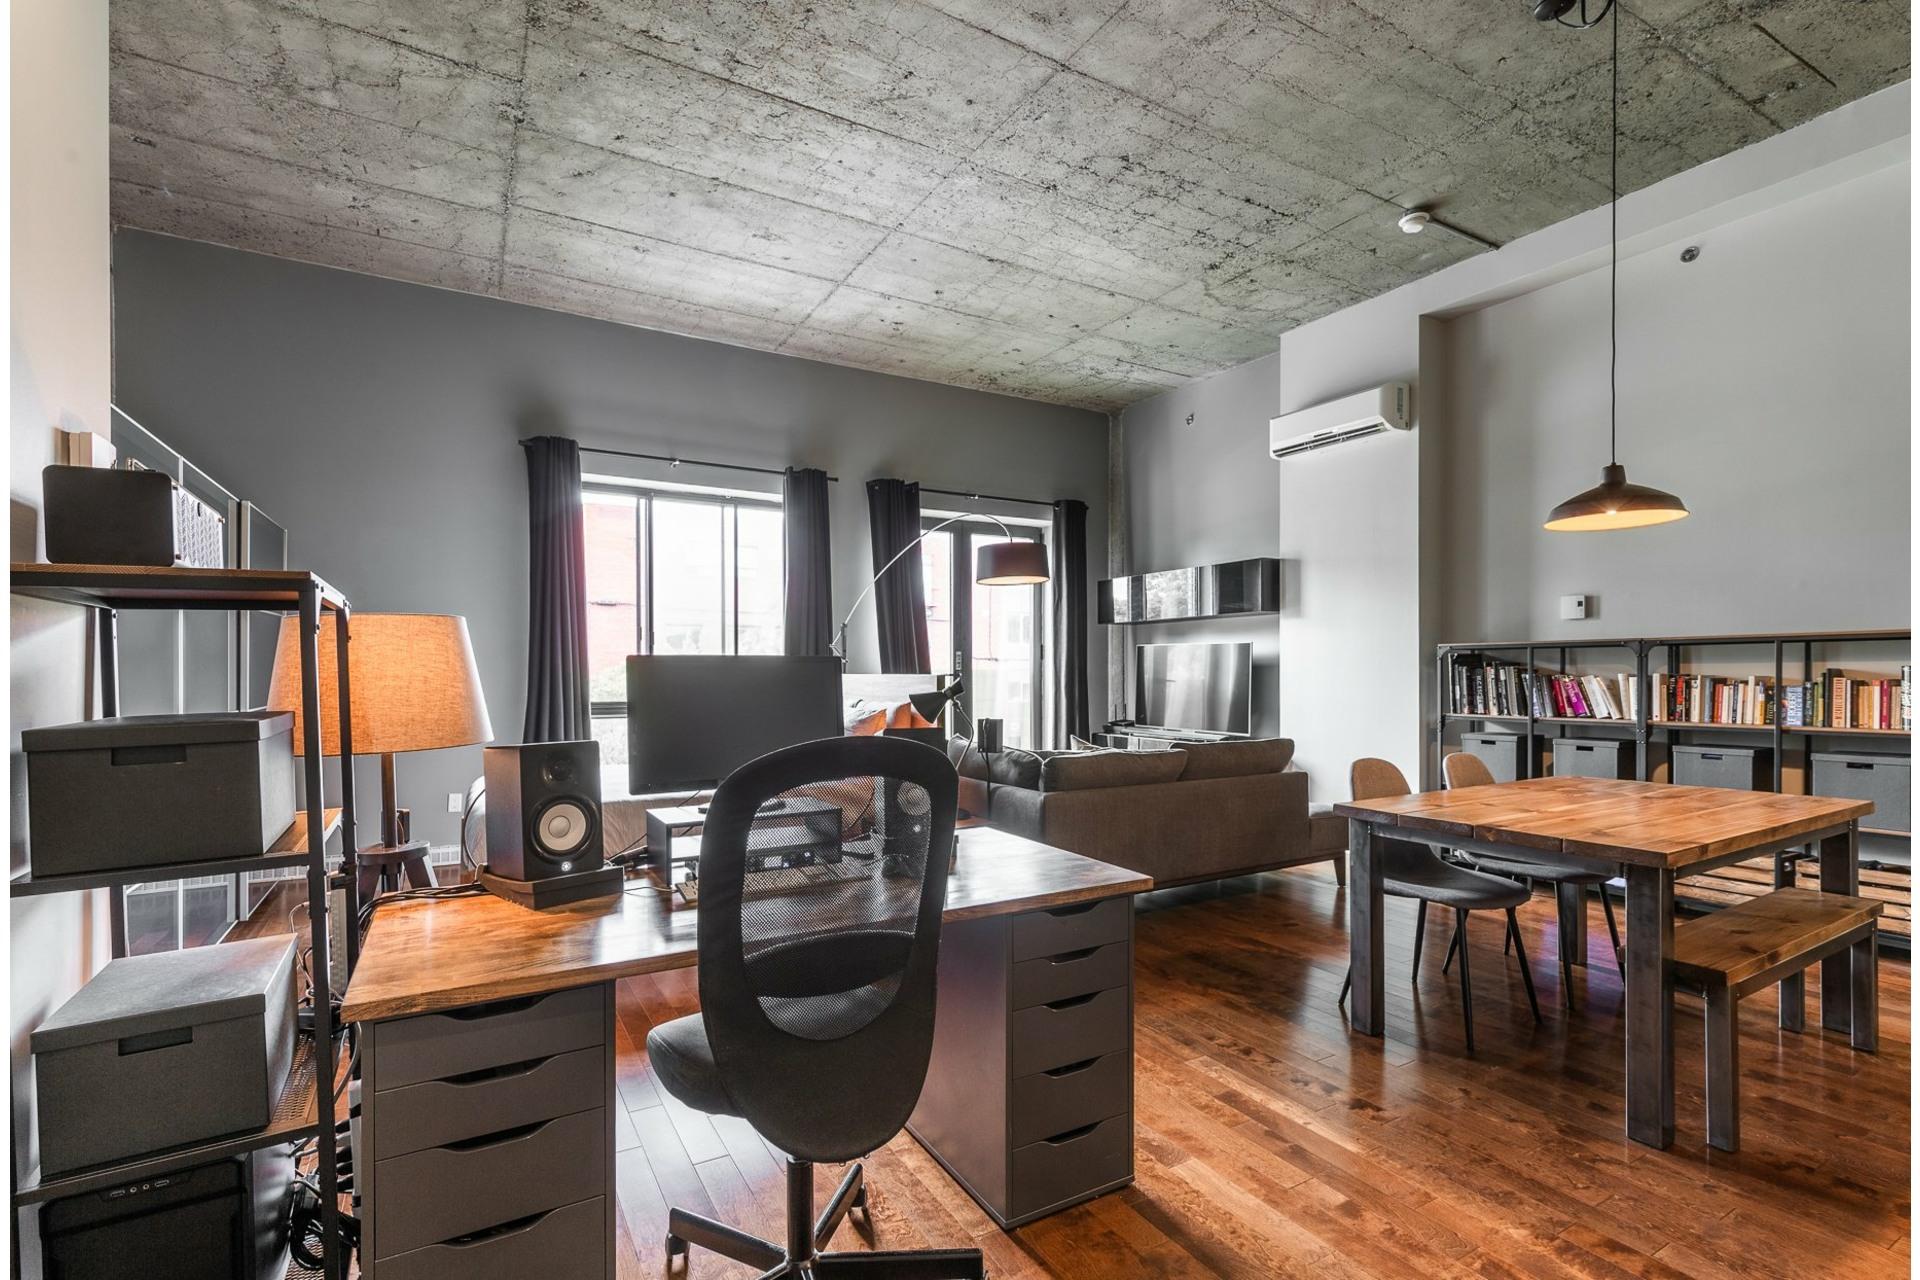 image 13 - Appartement À vendre Villeray/Saint-Michel/Parc-Extension Montréal  - 1 pièce